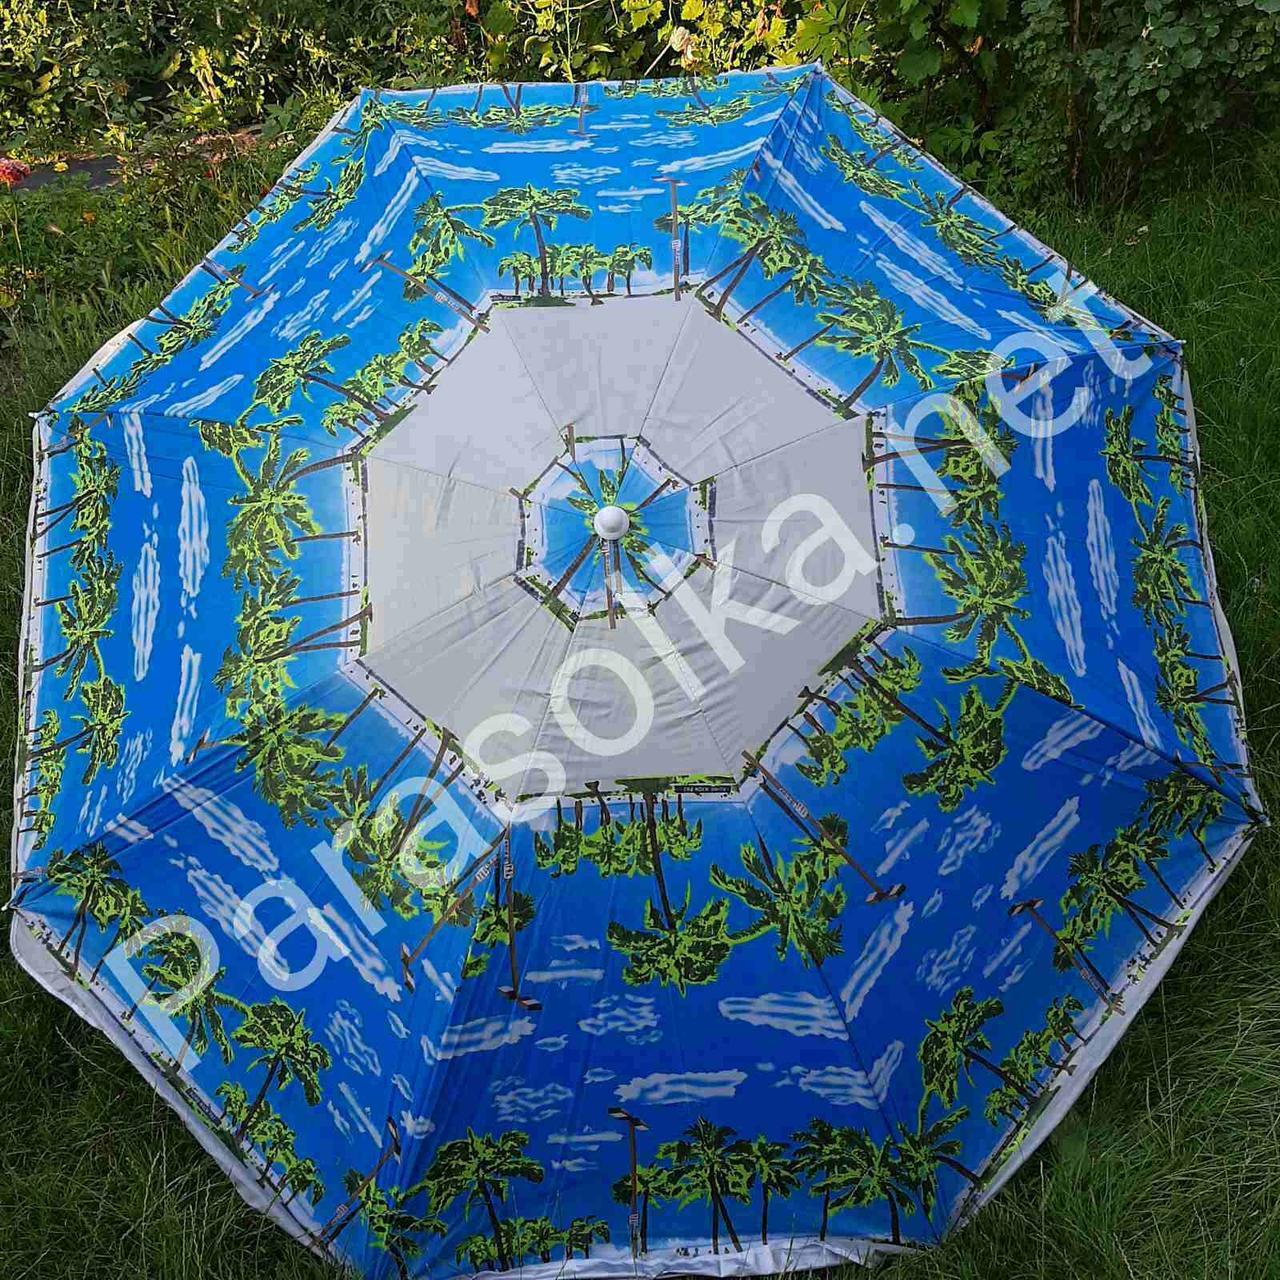 Пляжный зонт 10а 2,2метра усиленный